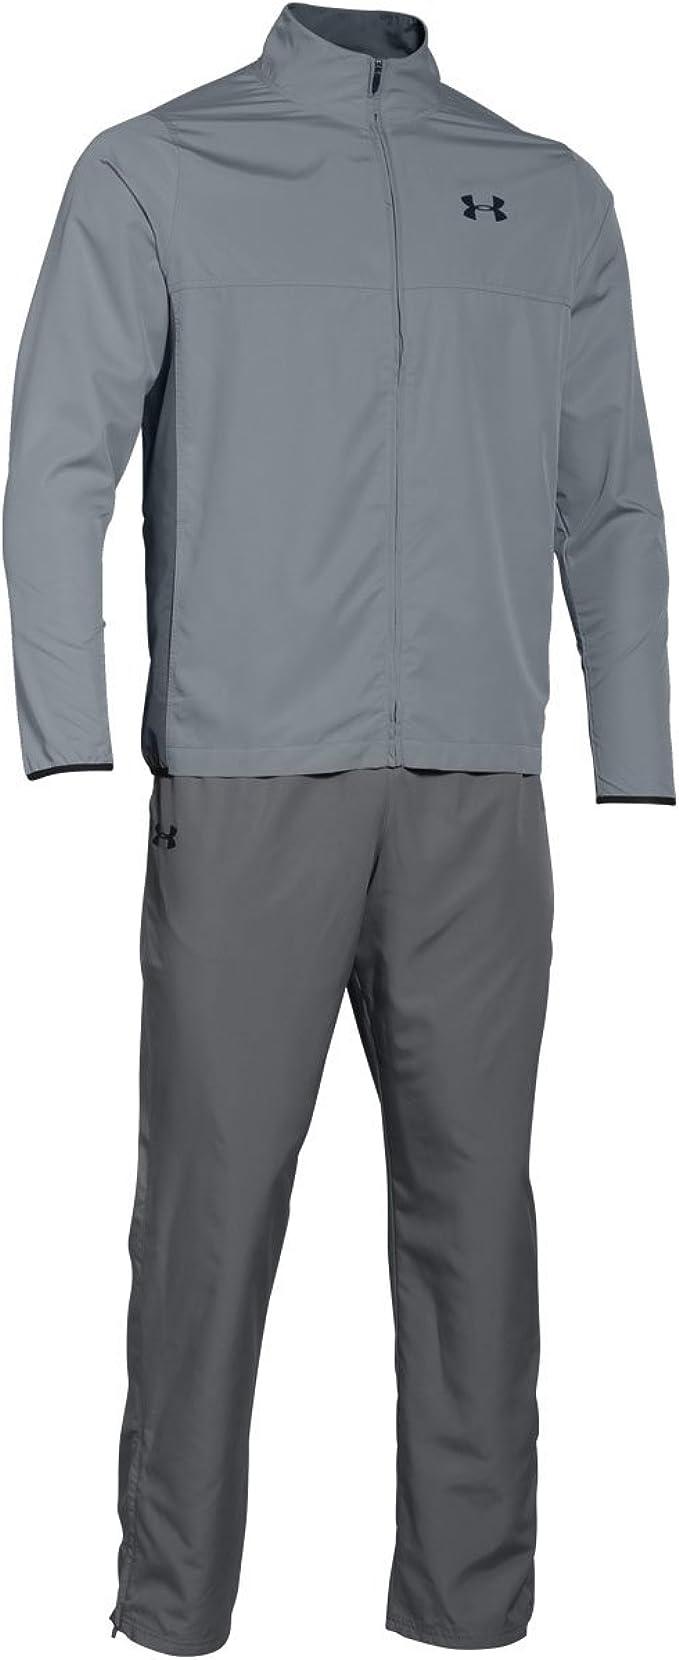 men's under armour sweat suit